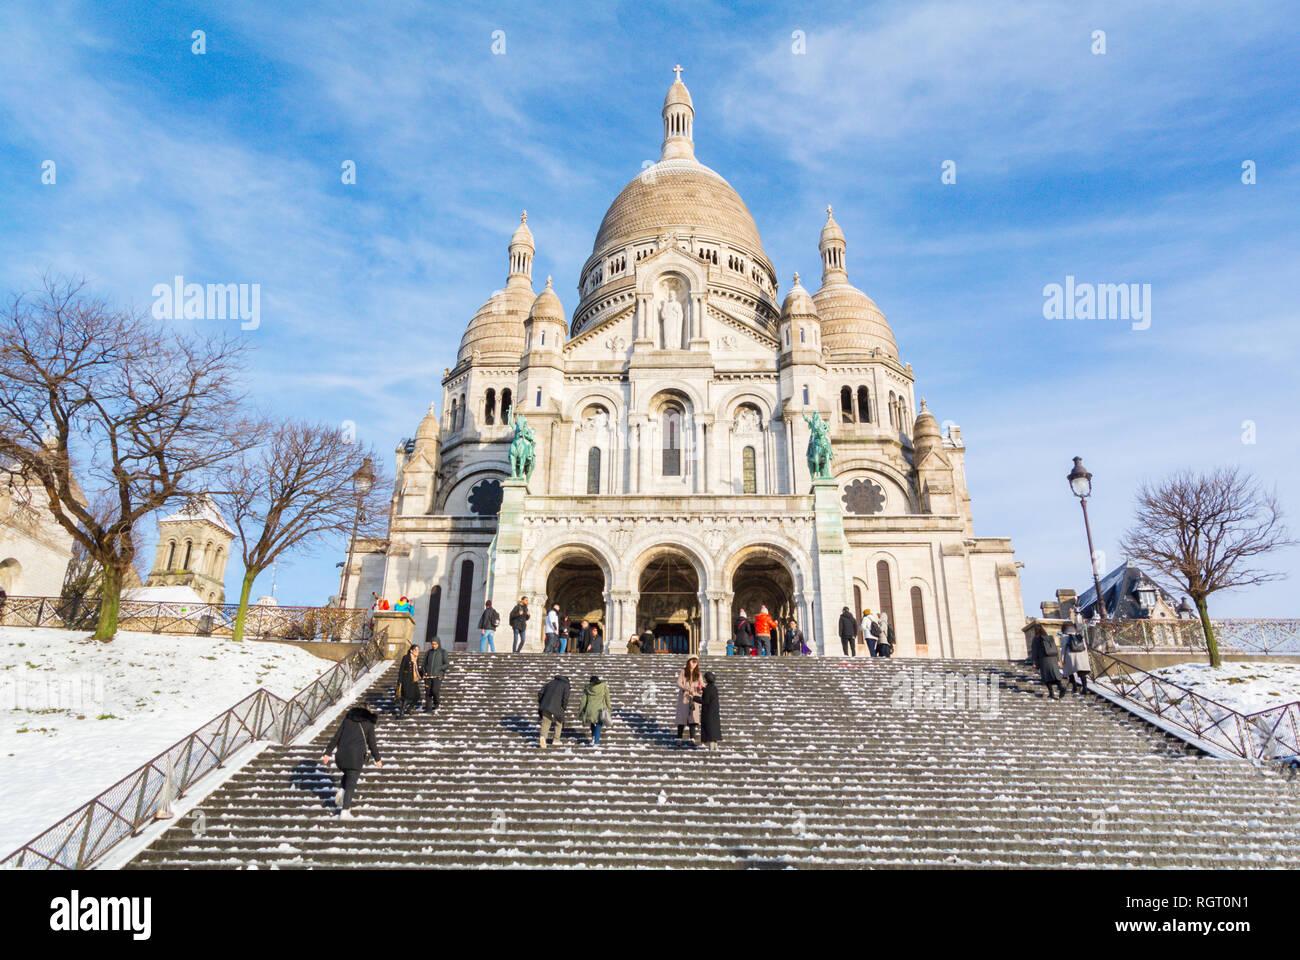 Basilica Sacre Coeur in Montmartre under snow, Paris, France Stock Photo